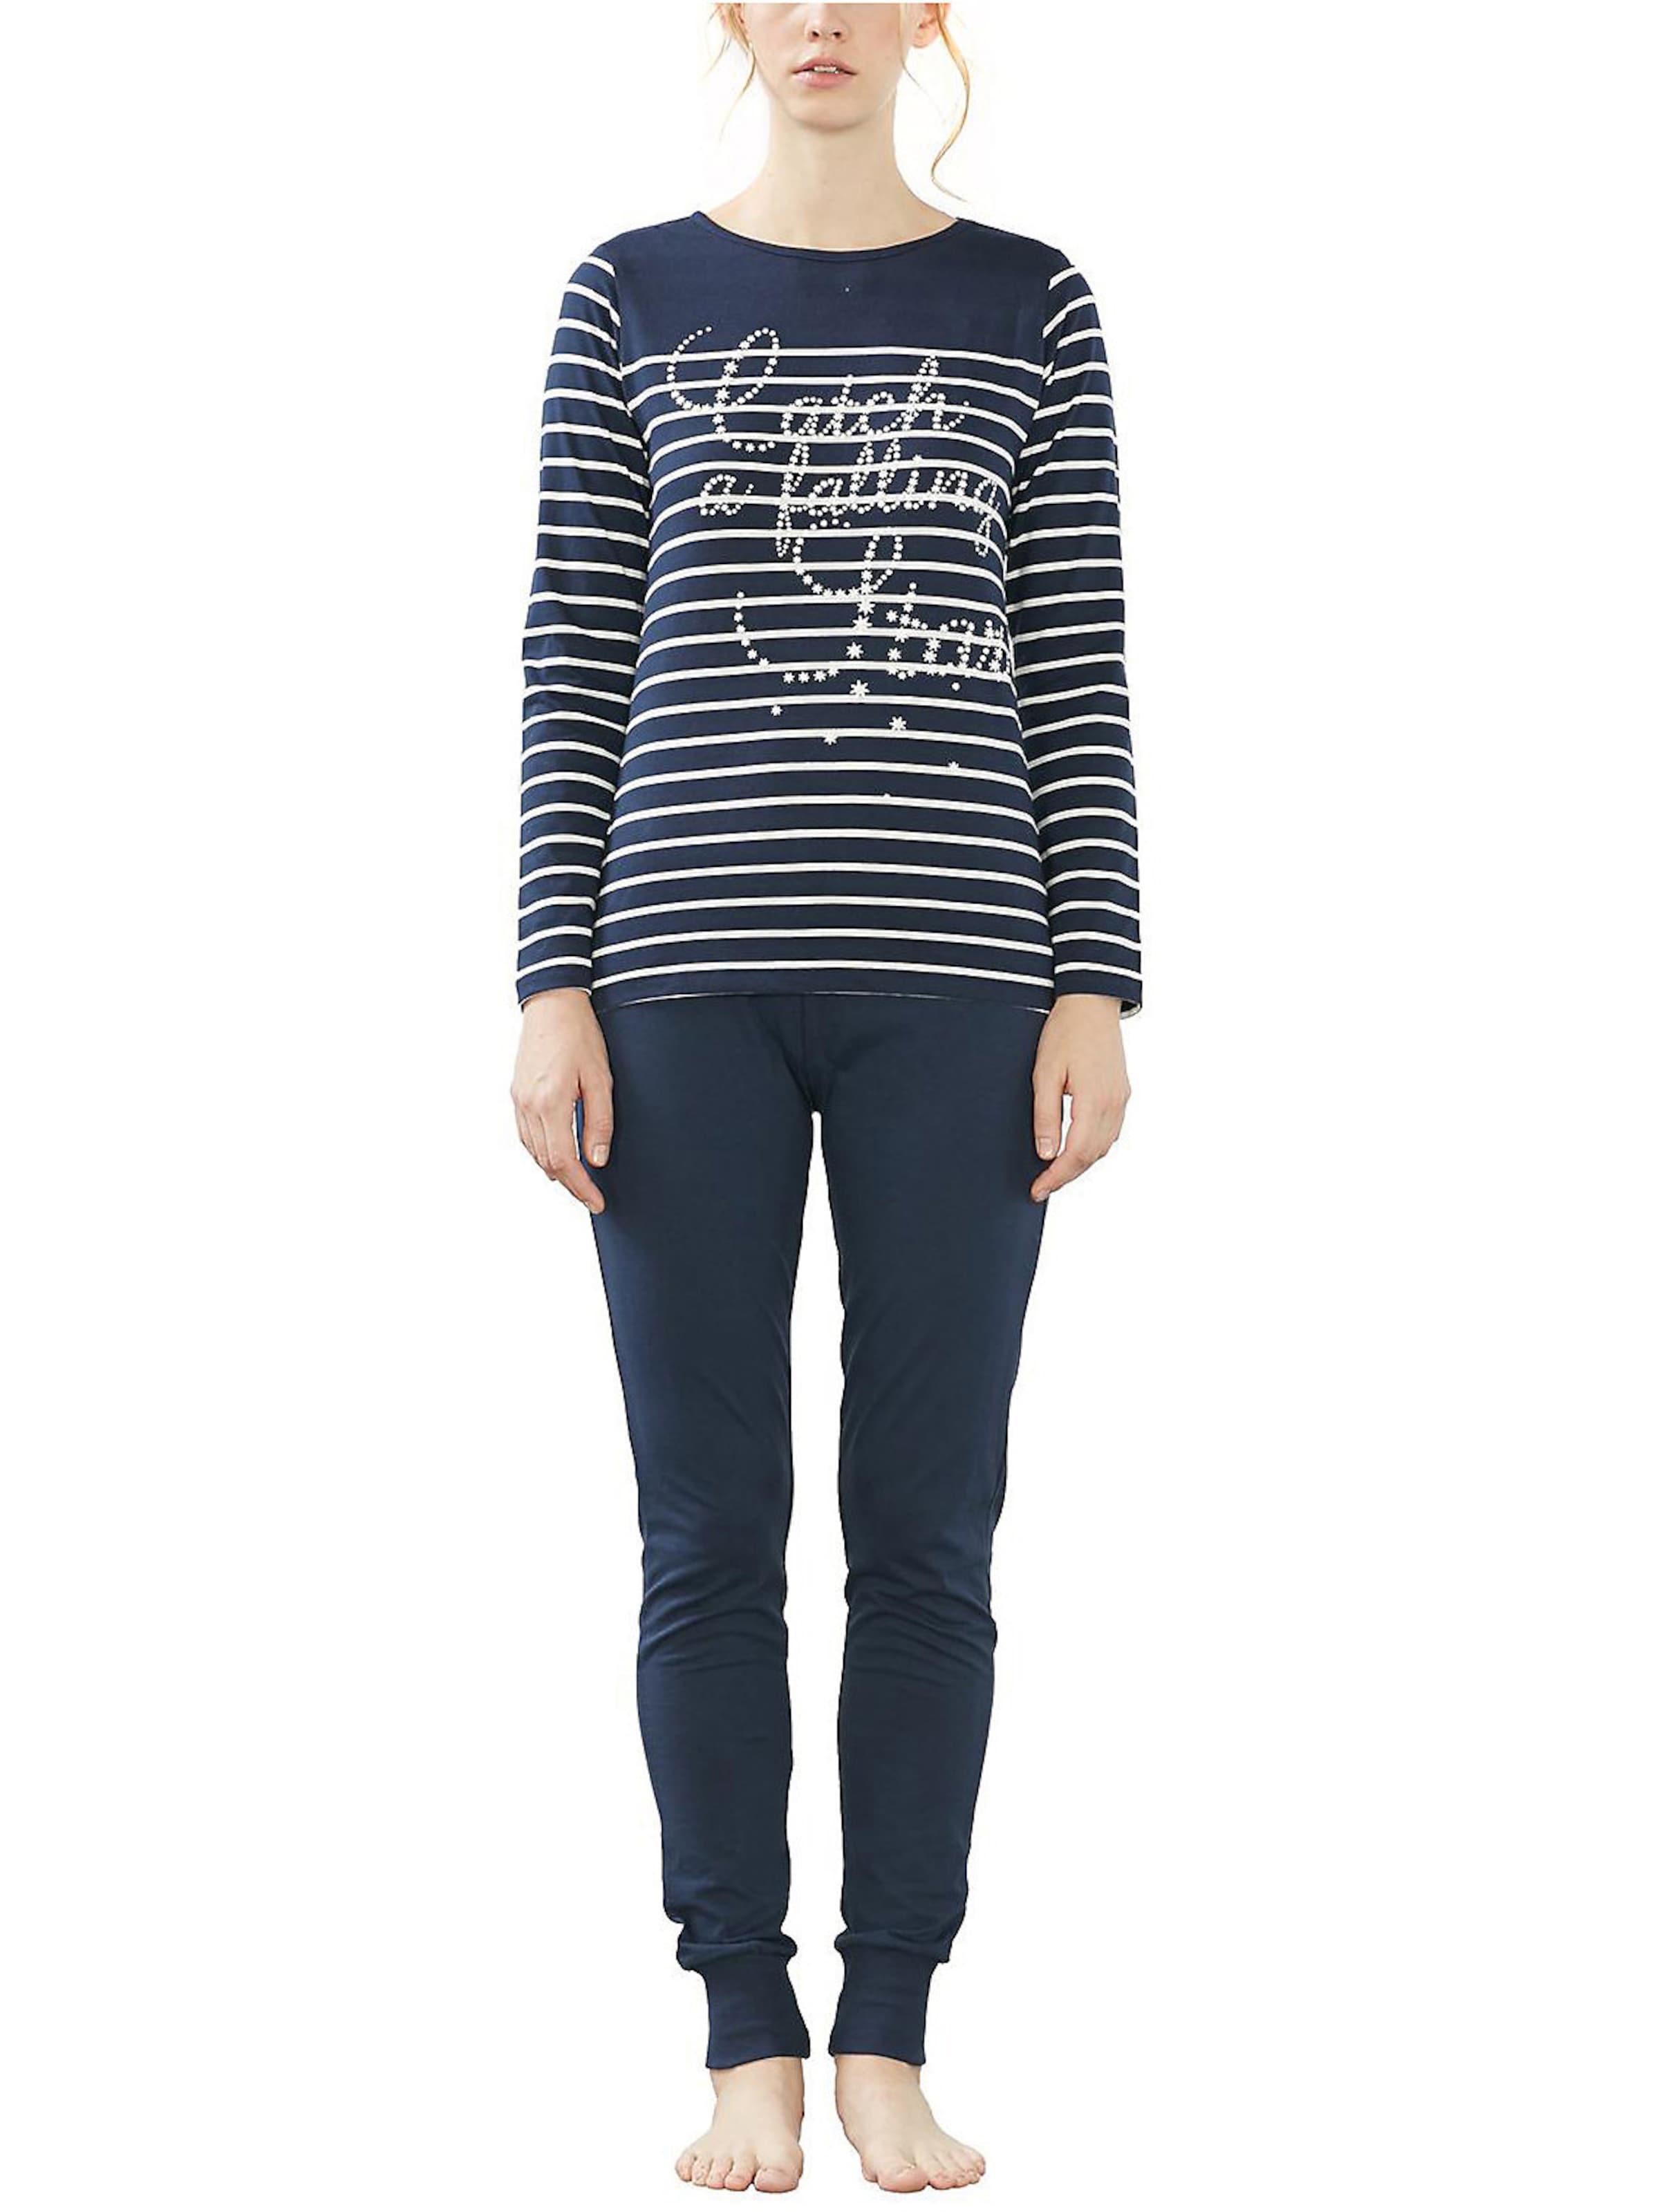 Esprit Bodywear Schlafanzug 'Eva Cas' Freies Verschiffen Finden Große Footlocker Finish Günstiger Preis Spielraum Shop Rabatt Bestseller khENMegK